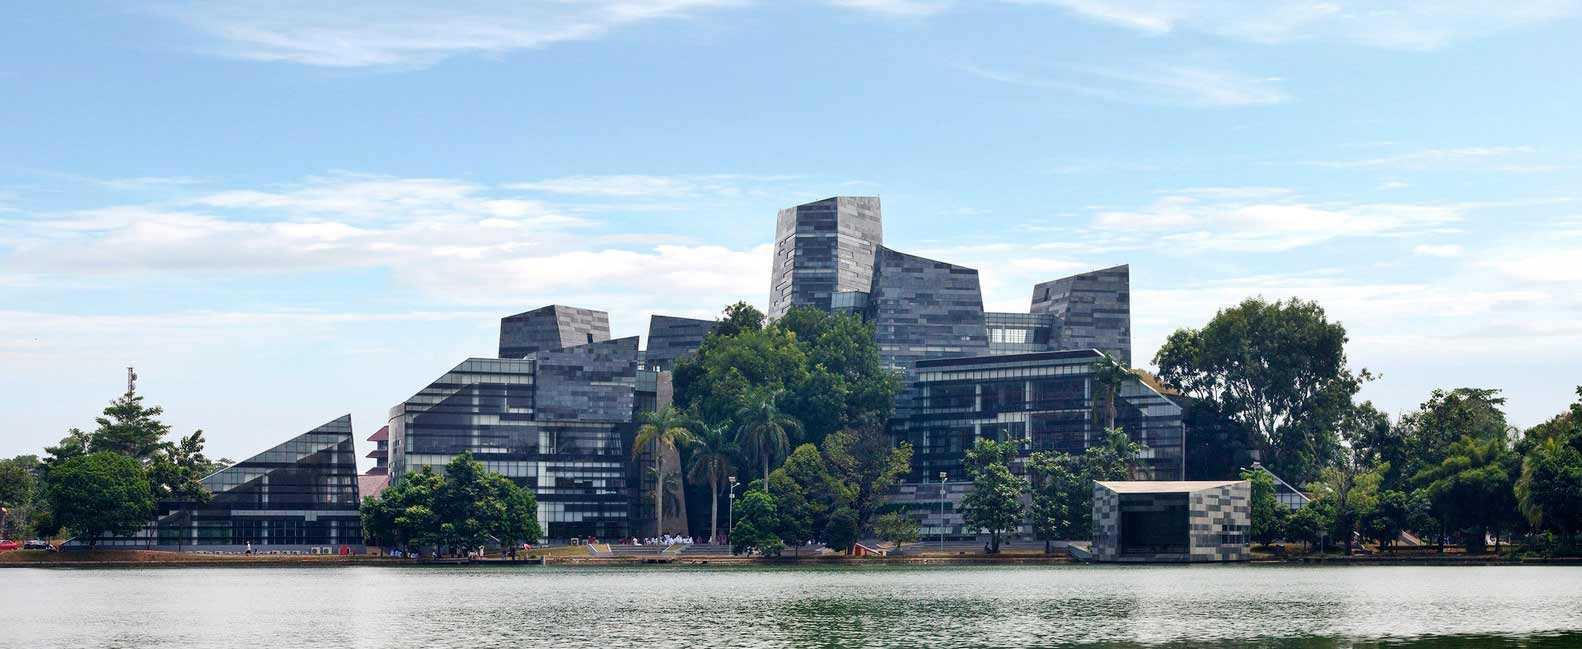 Desain Arsitektur Perpustakaan UI yang Super Keren dan Futuristik | Foto artikel Arsitag